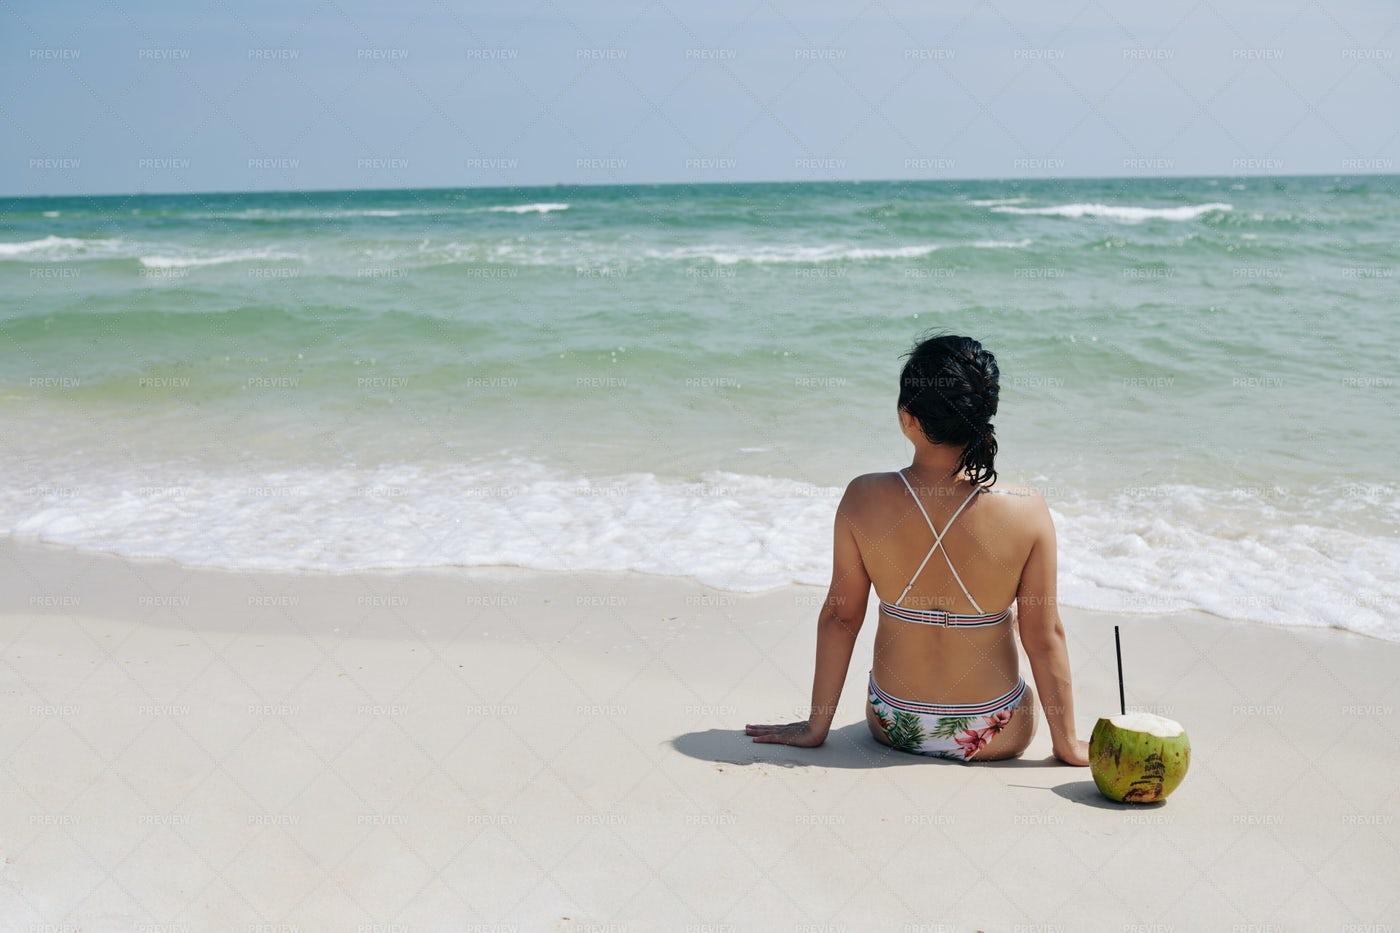 Sunny Day On The Beach: Stock Photos